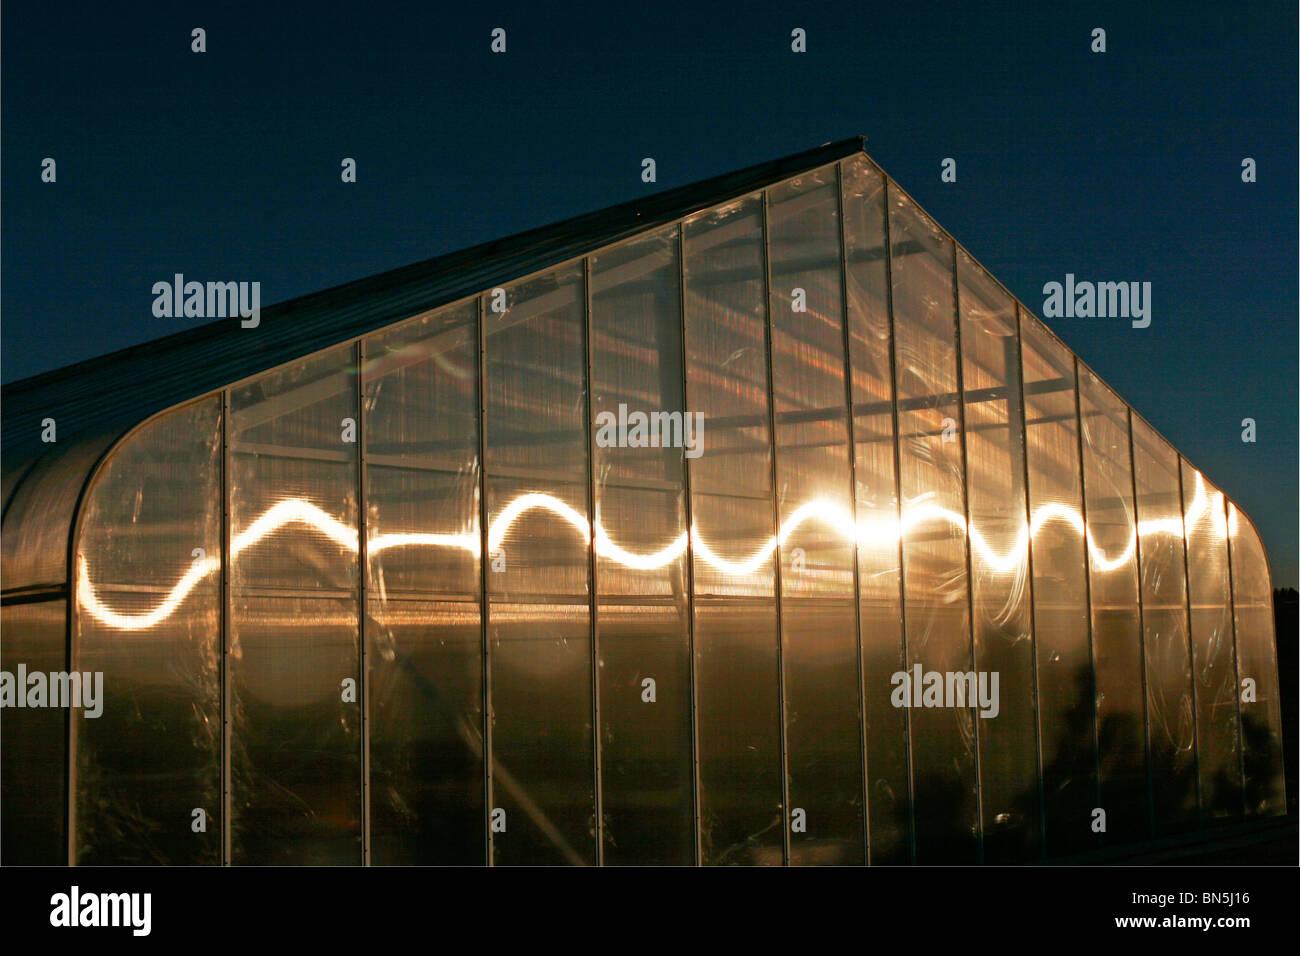 Gartengewächshaus mit Wirbel Reflexion Stockbild